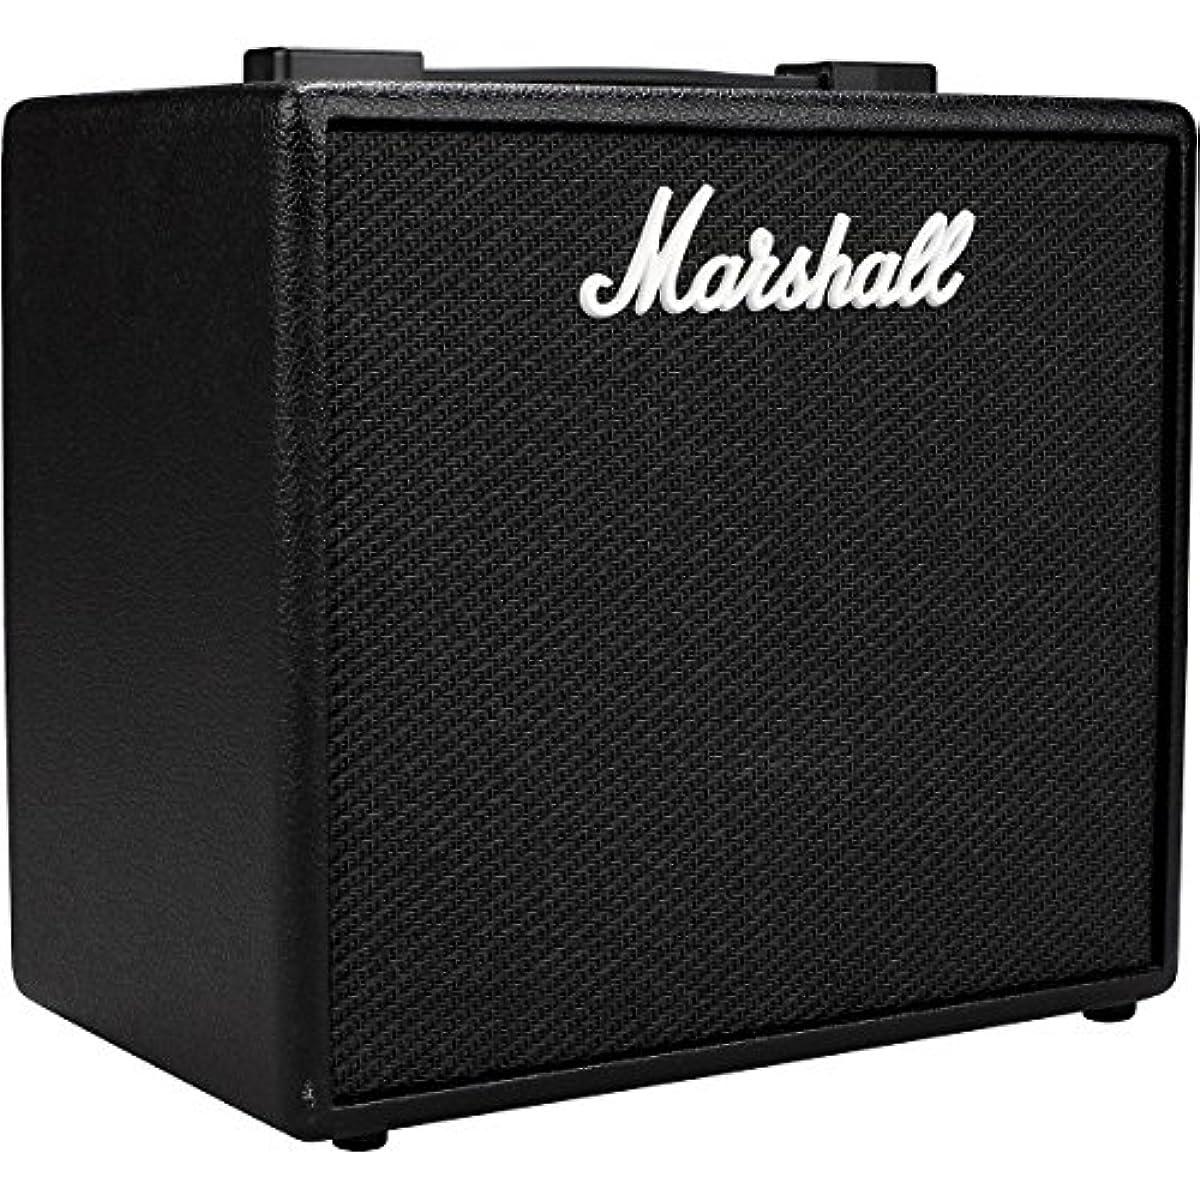 [해외] 마샬 MARSHALL 기타 앰프 콤보 CODE25 역대의 마샬 톤을 충실하게 모델링 오디오 인터페이스로서도 사용 가능 스마트폰 어플에 조작이 가능